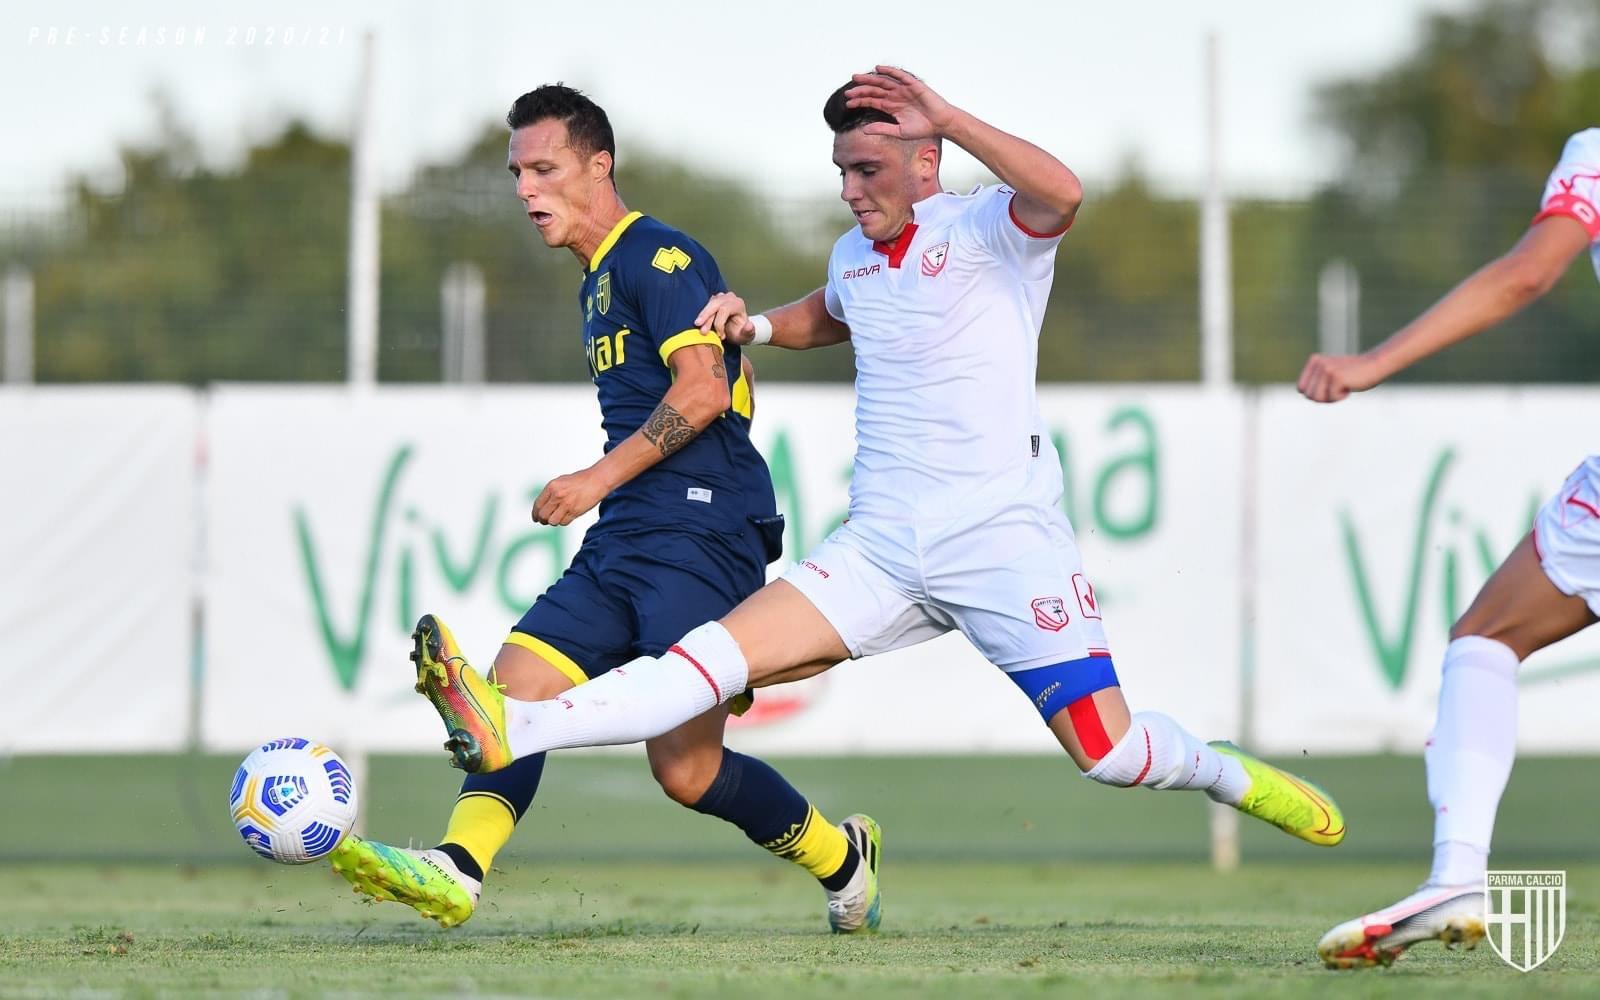 Amichevole: Parma-Carpi 2-0